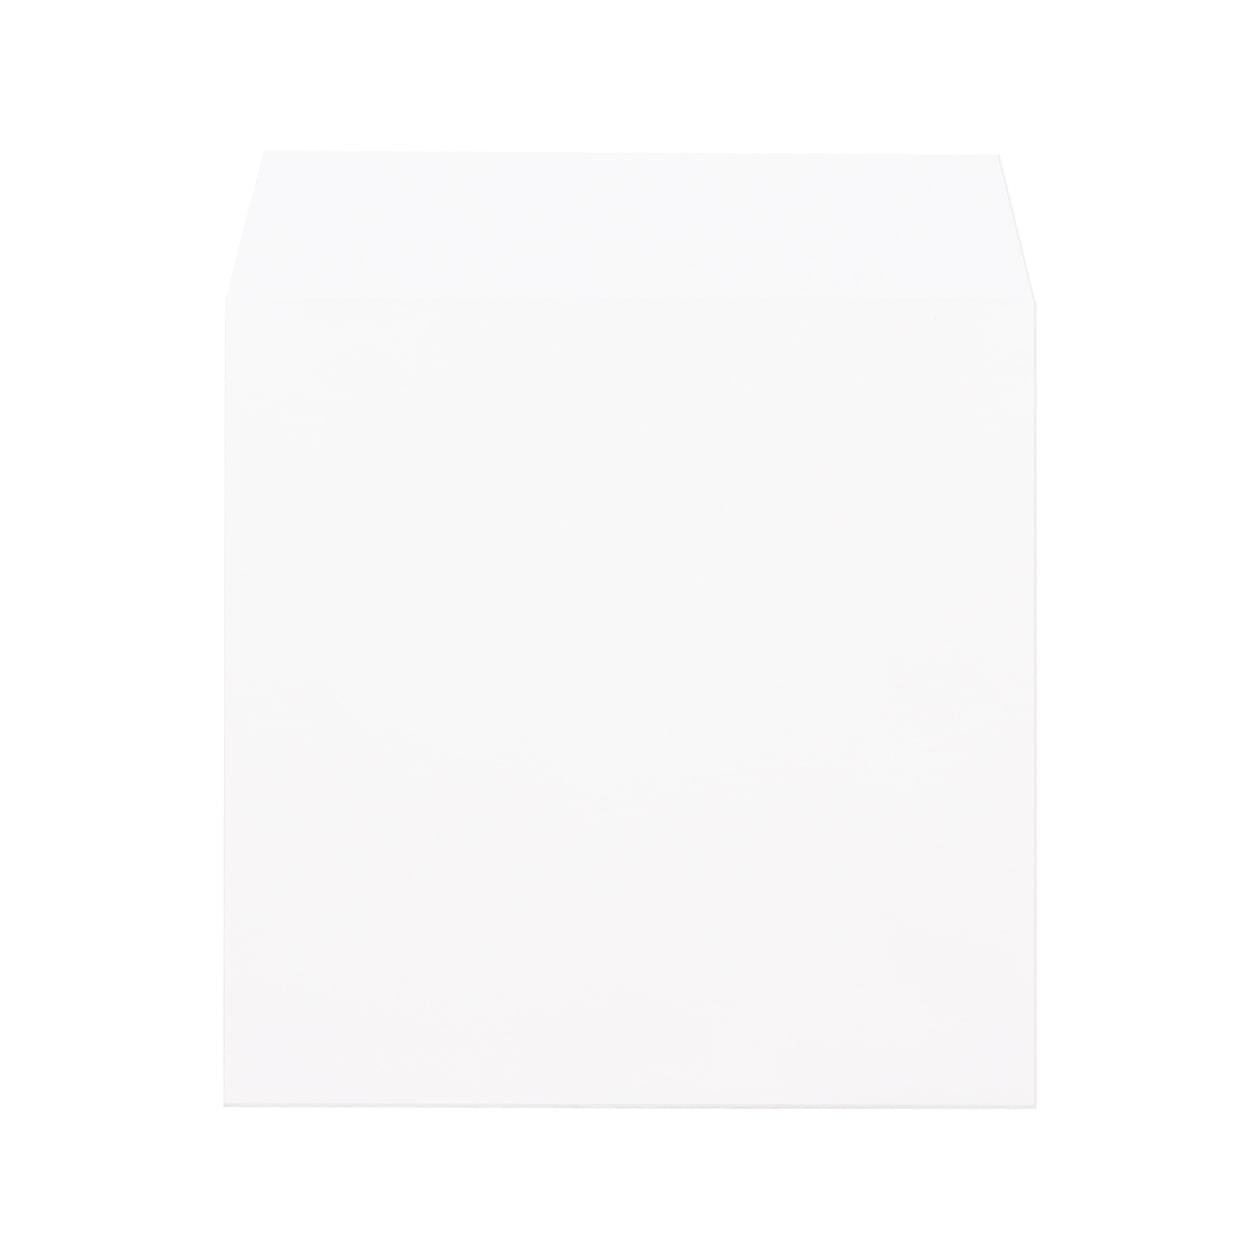 SE22封筒 HAGURUMA Basic プレインホワイト 100g